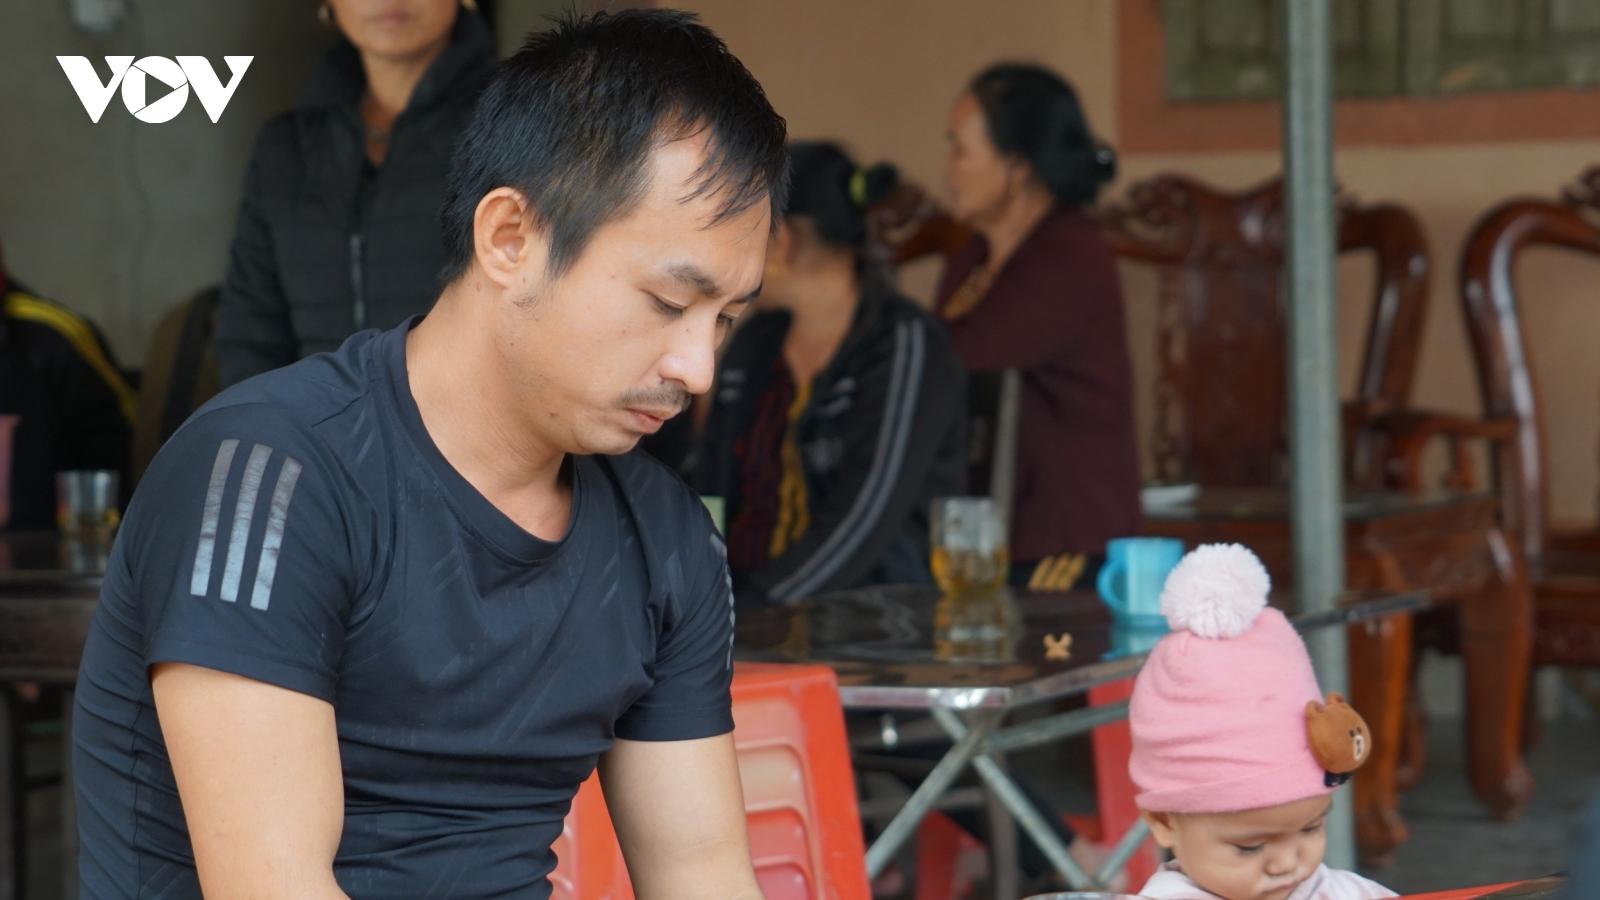 Lật xe kinh hoàng ở Campuchia: Xót xa, một nhà có đến 3 nạn nhân